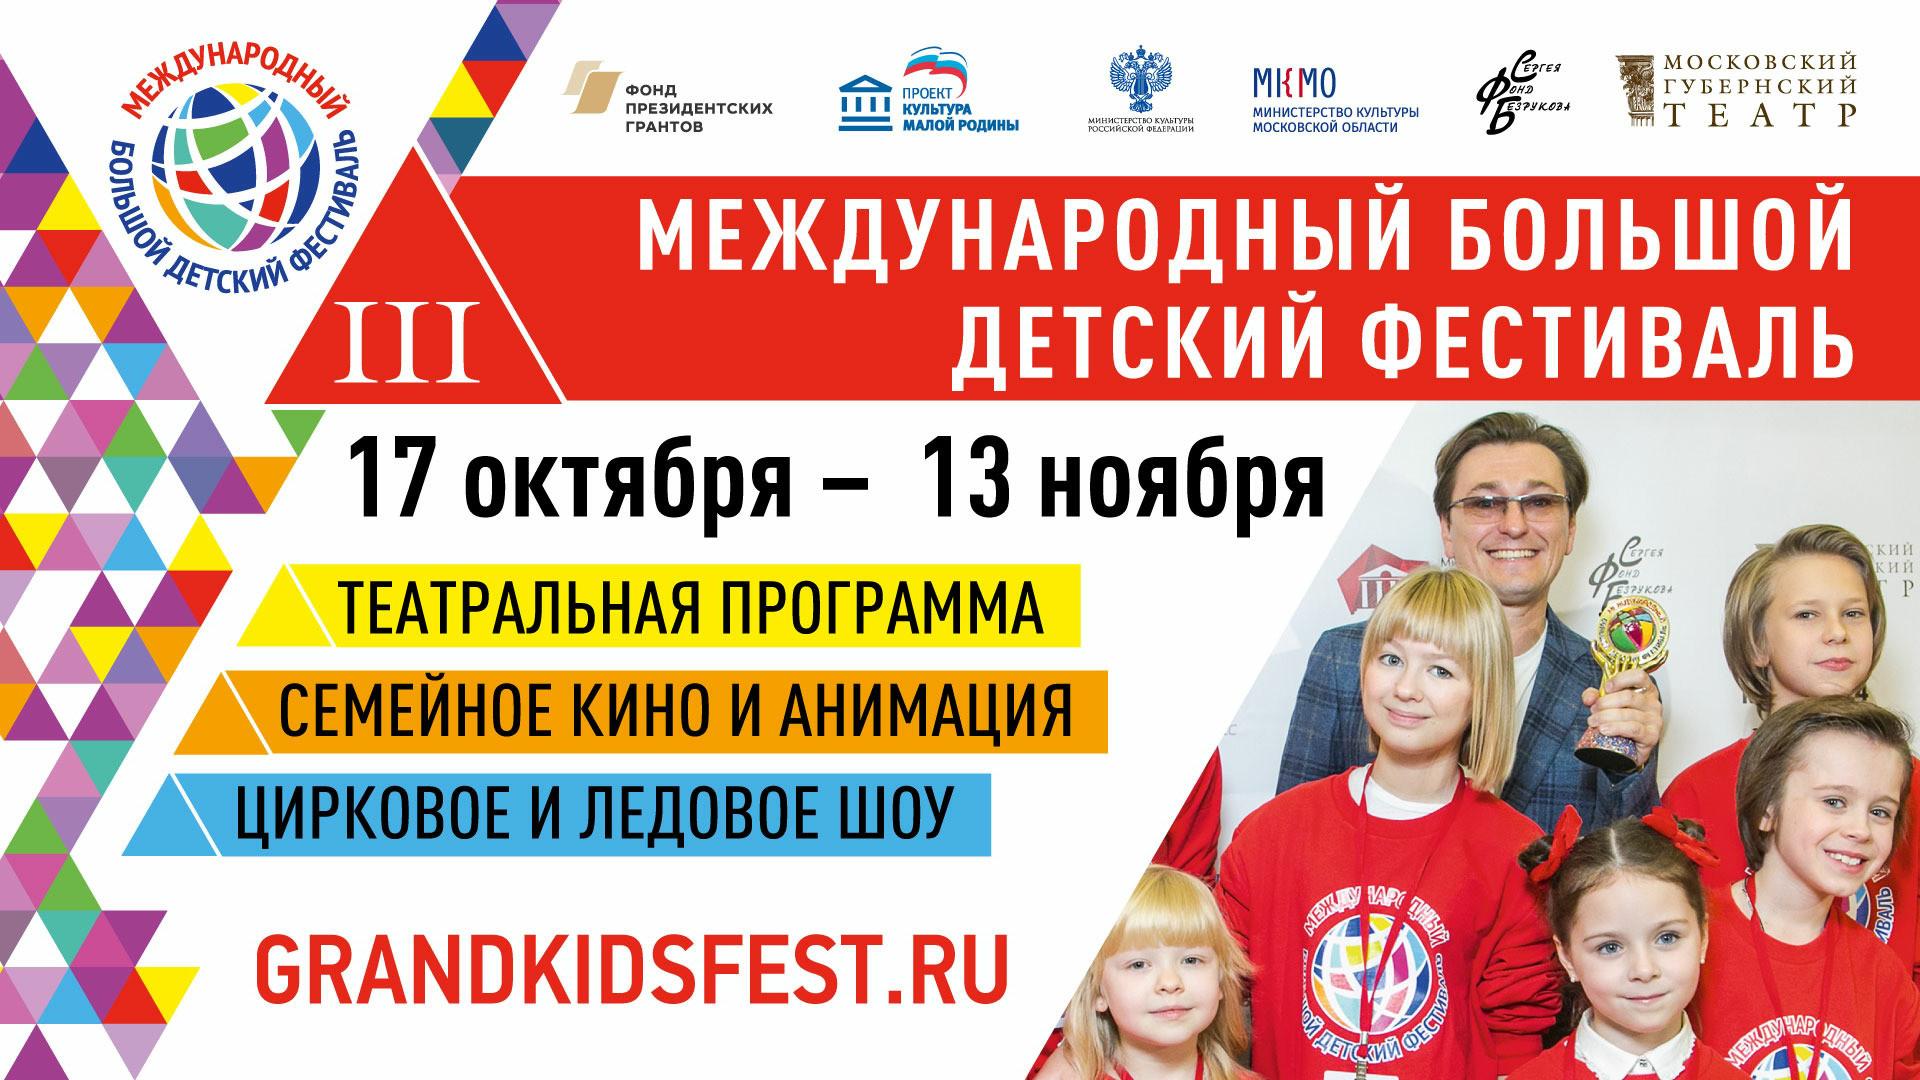 Международный Большой Детский фестиваль состоится в Подмосковье